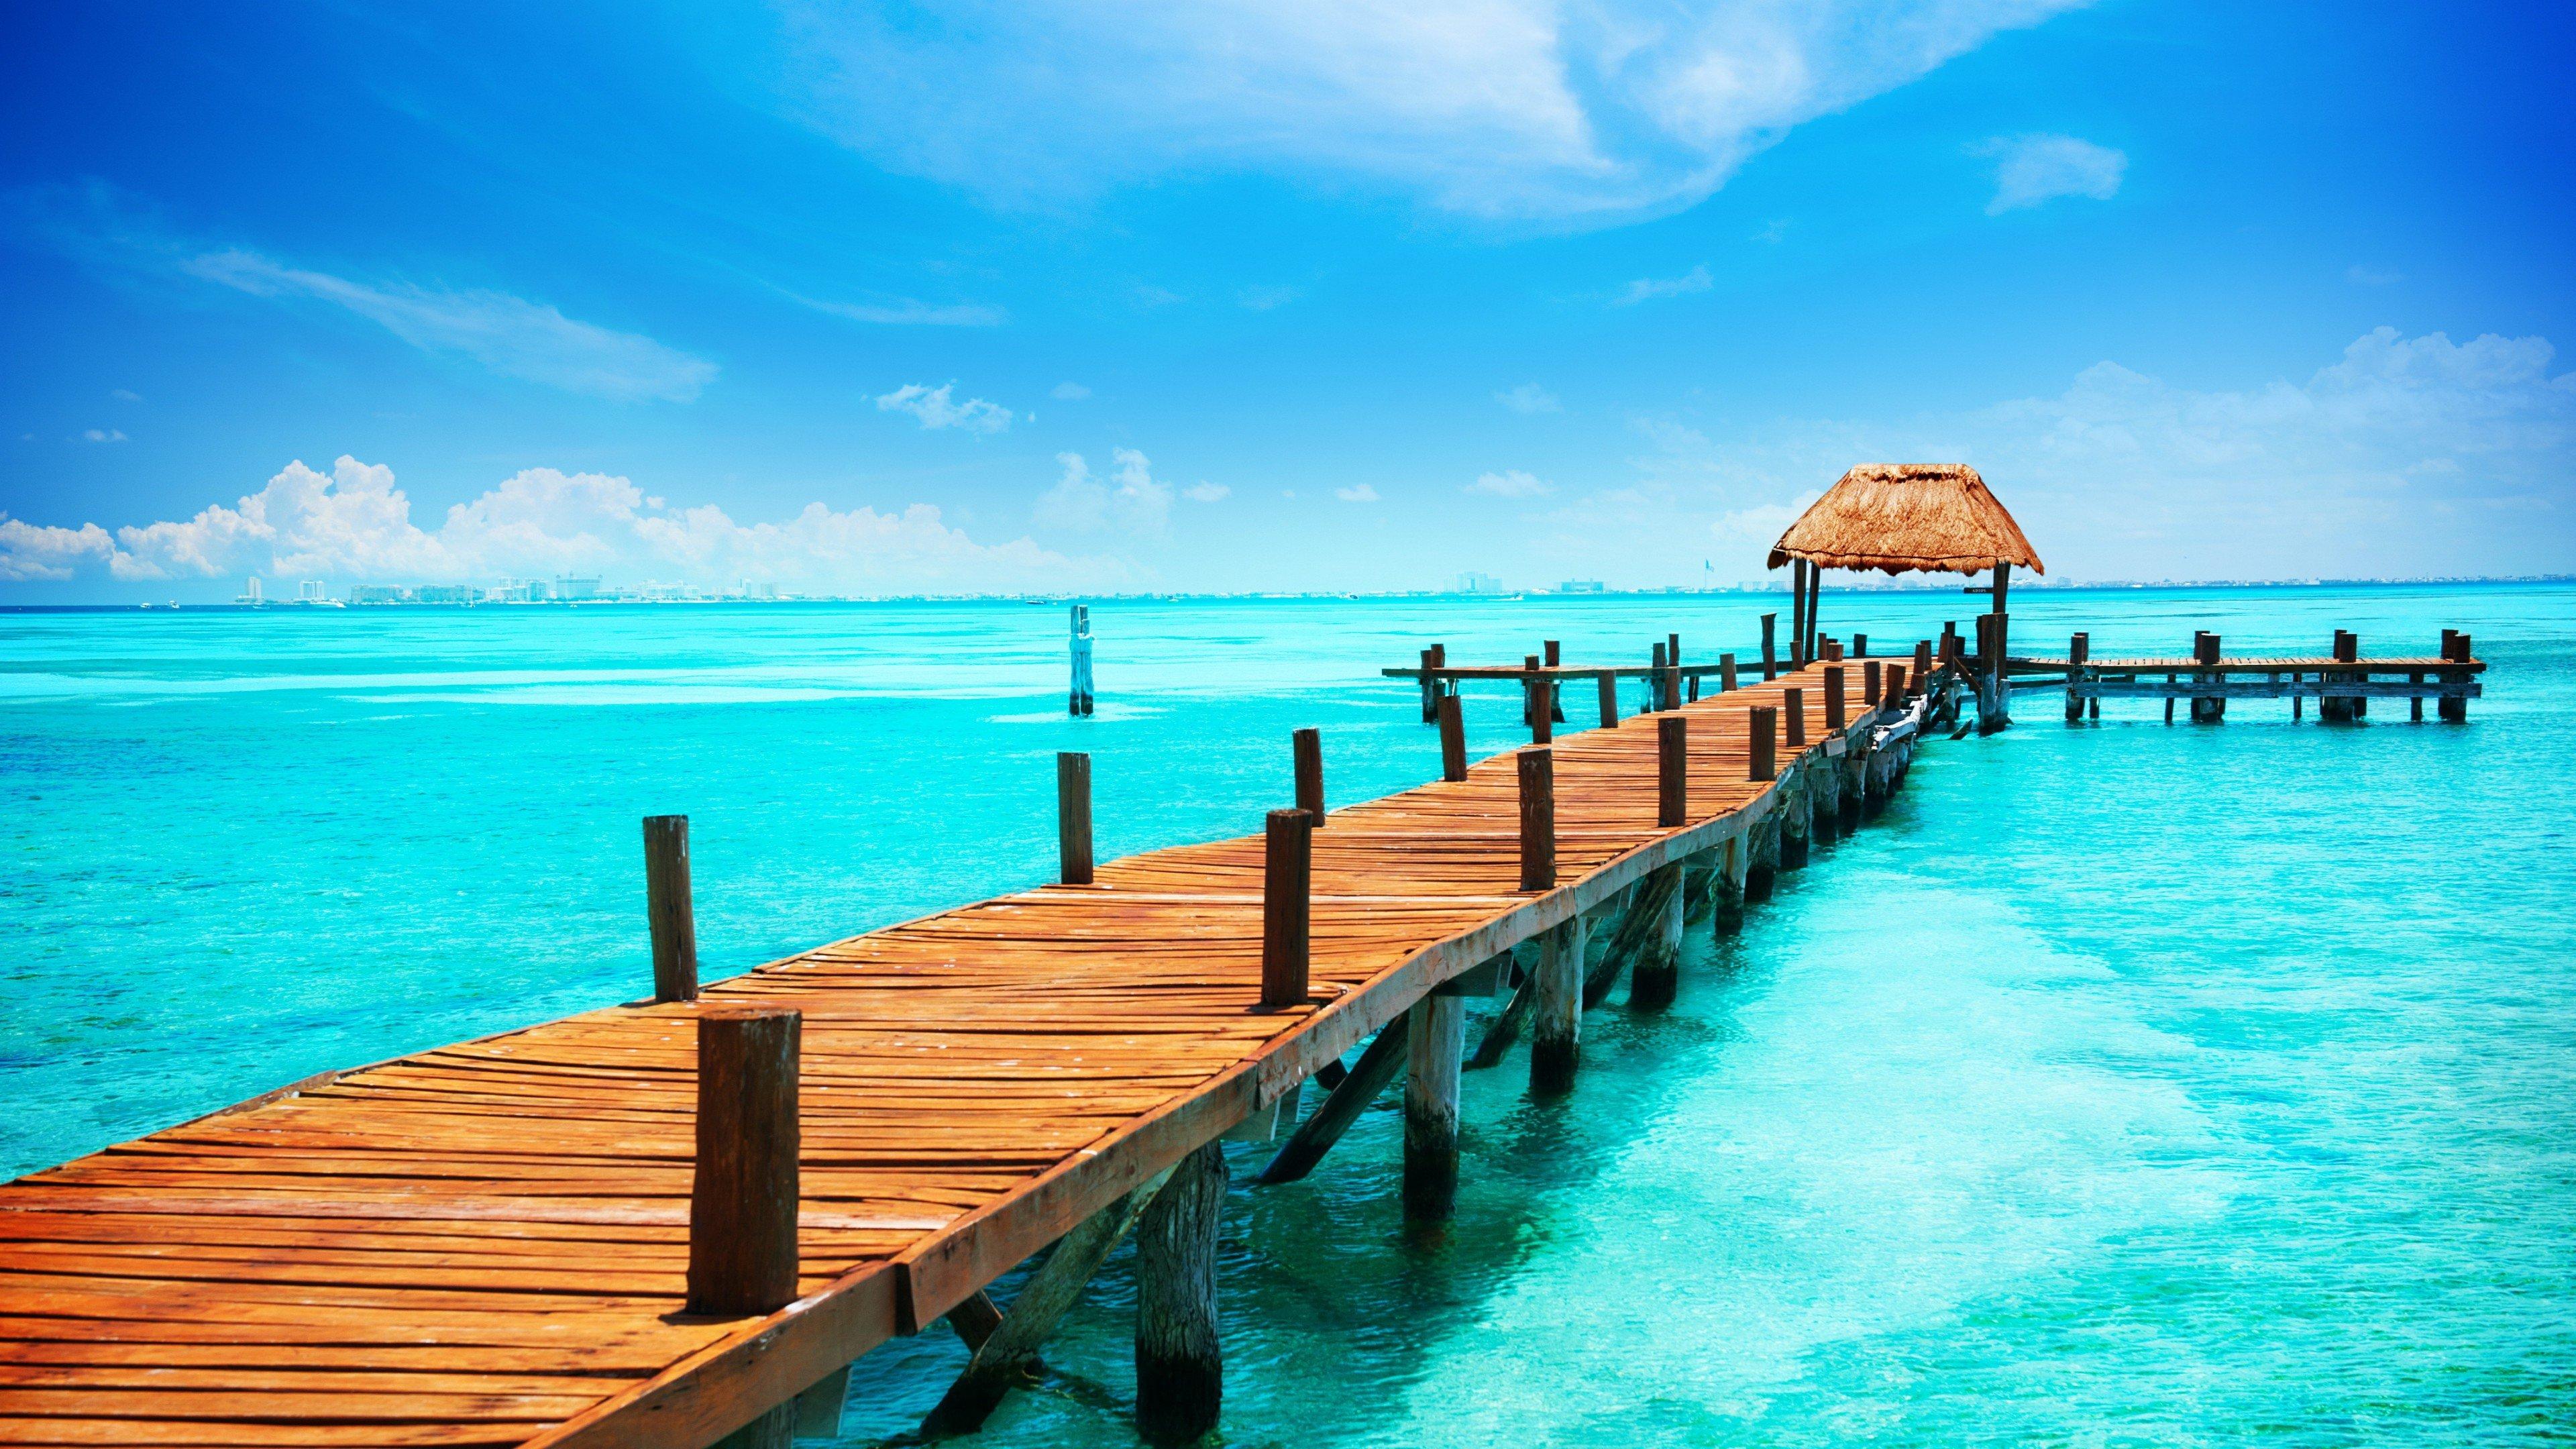 Fondos de pantalla Cancún en Mexico